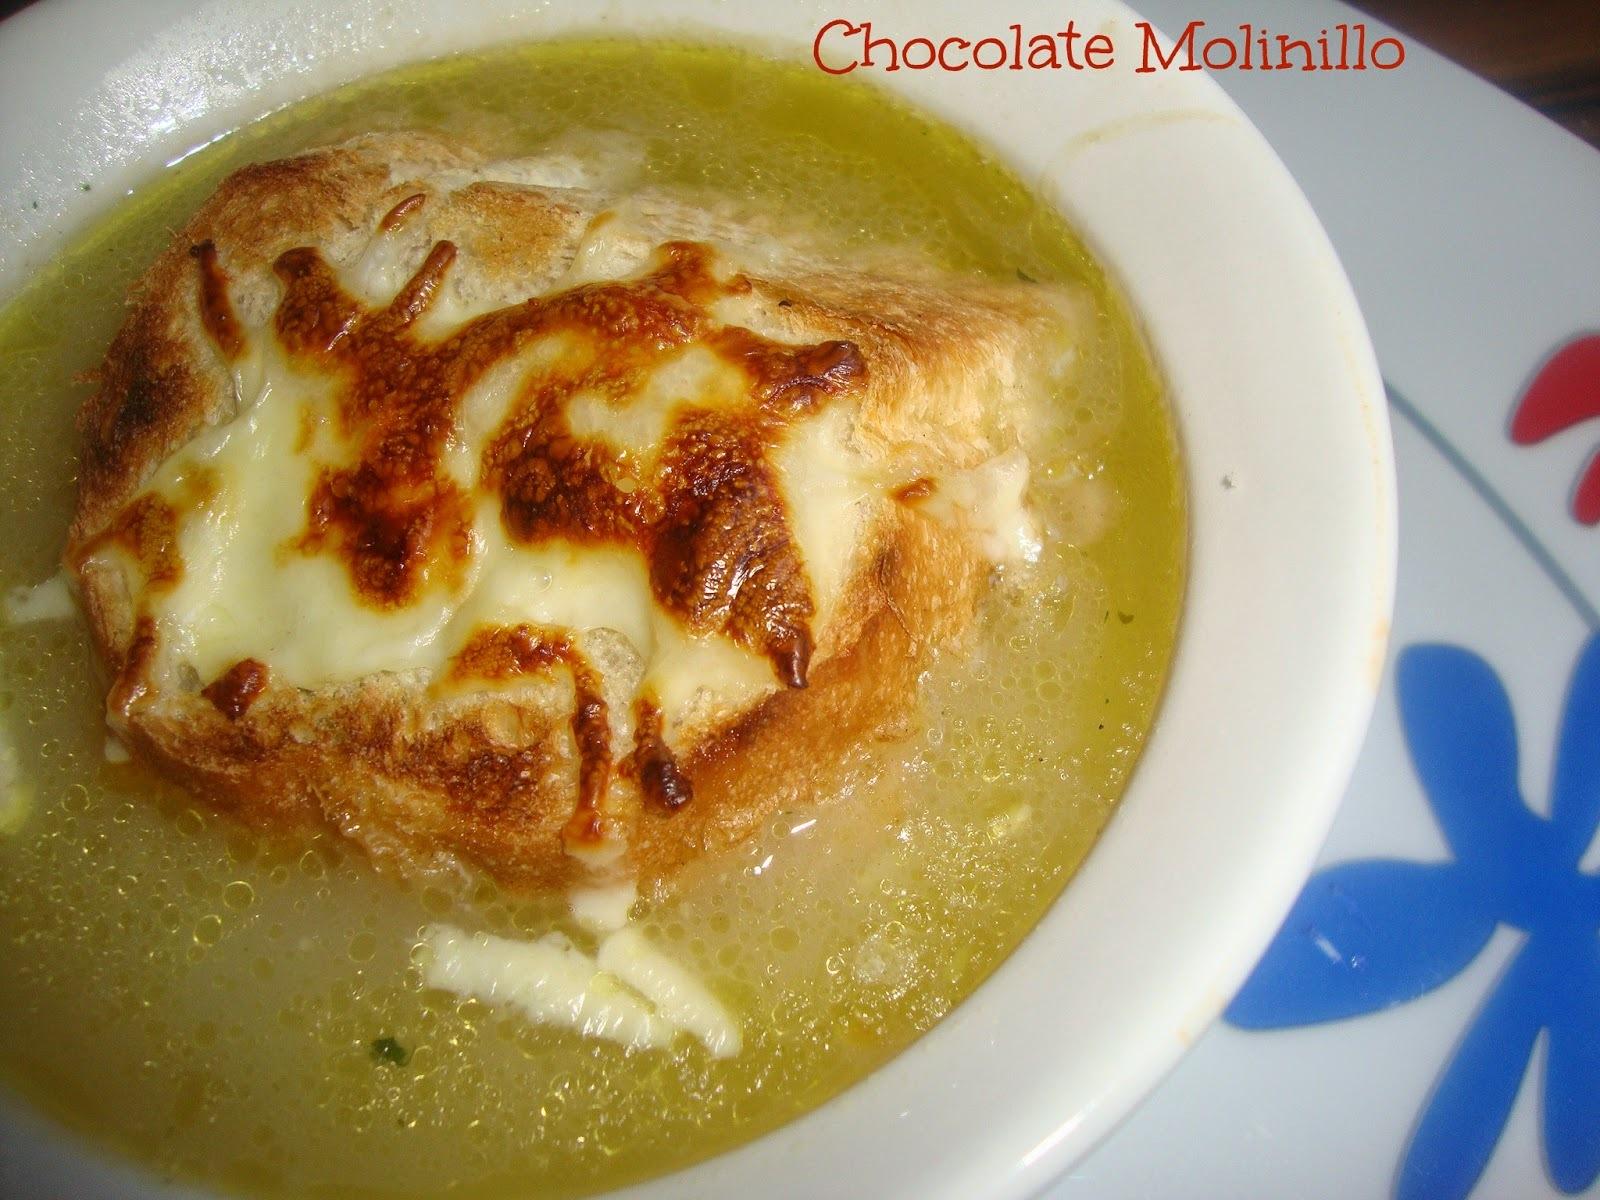 Sopa de Cebolla Francesa al estilo Chocolate Molinillo